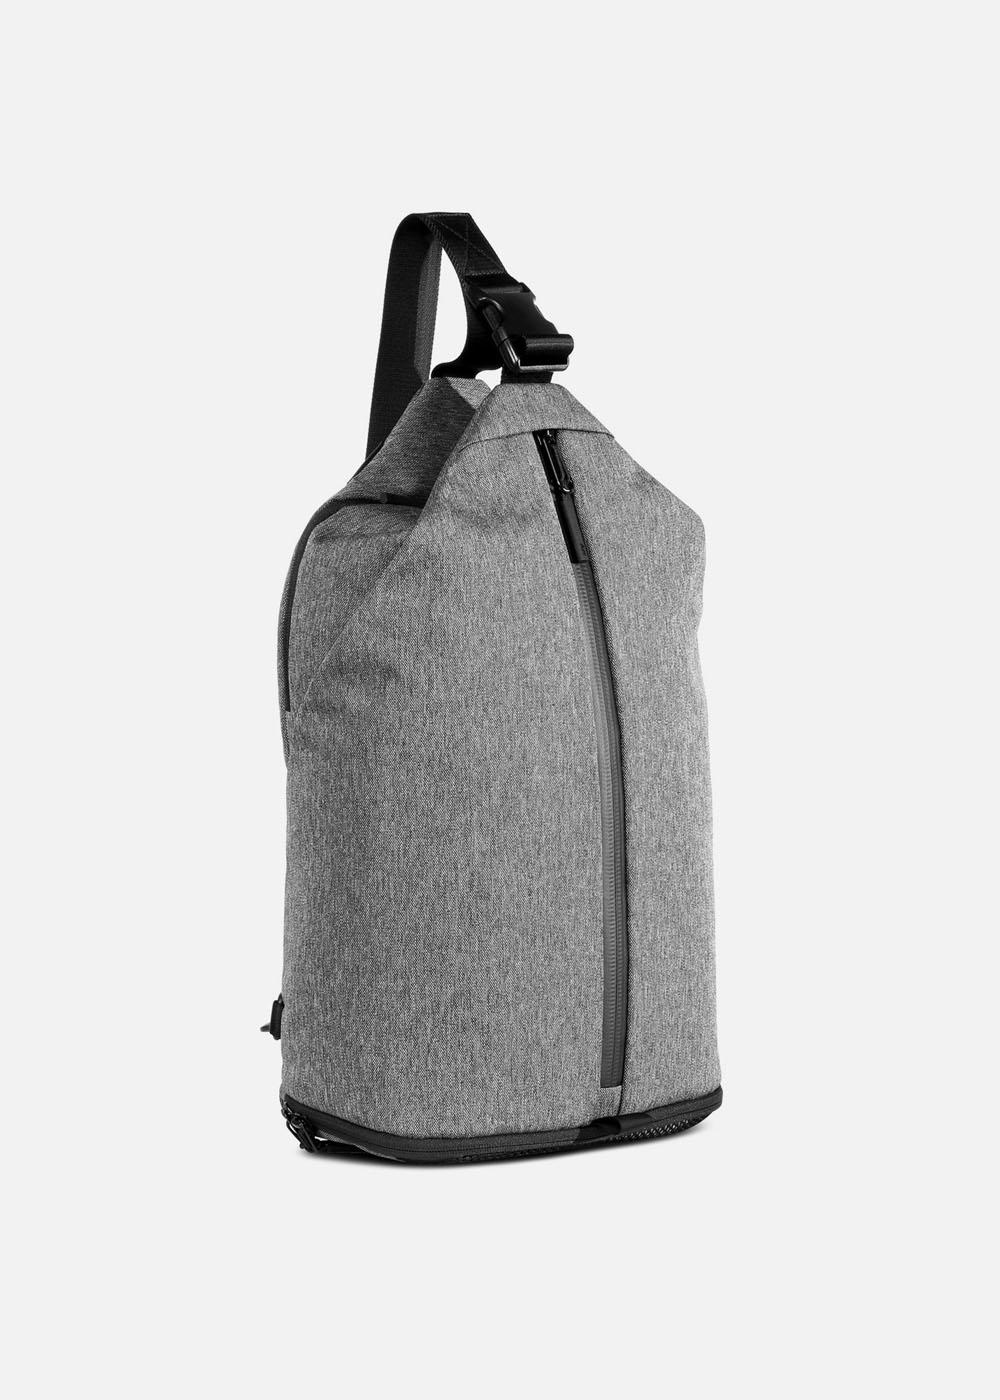 Aer Gym Duffel Best Gym Work Duffle Bag